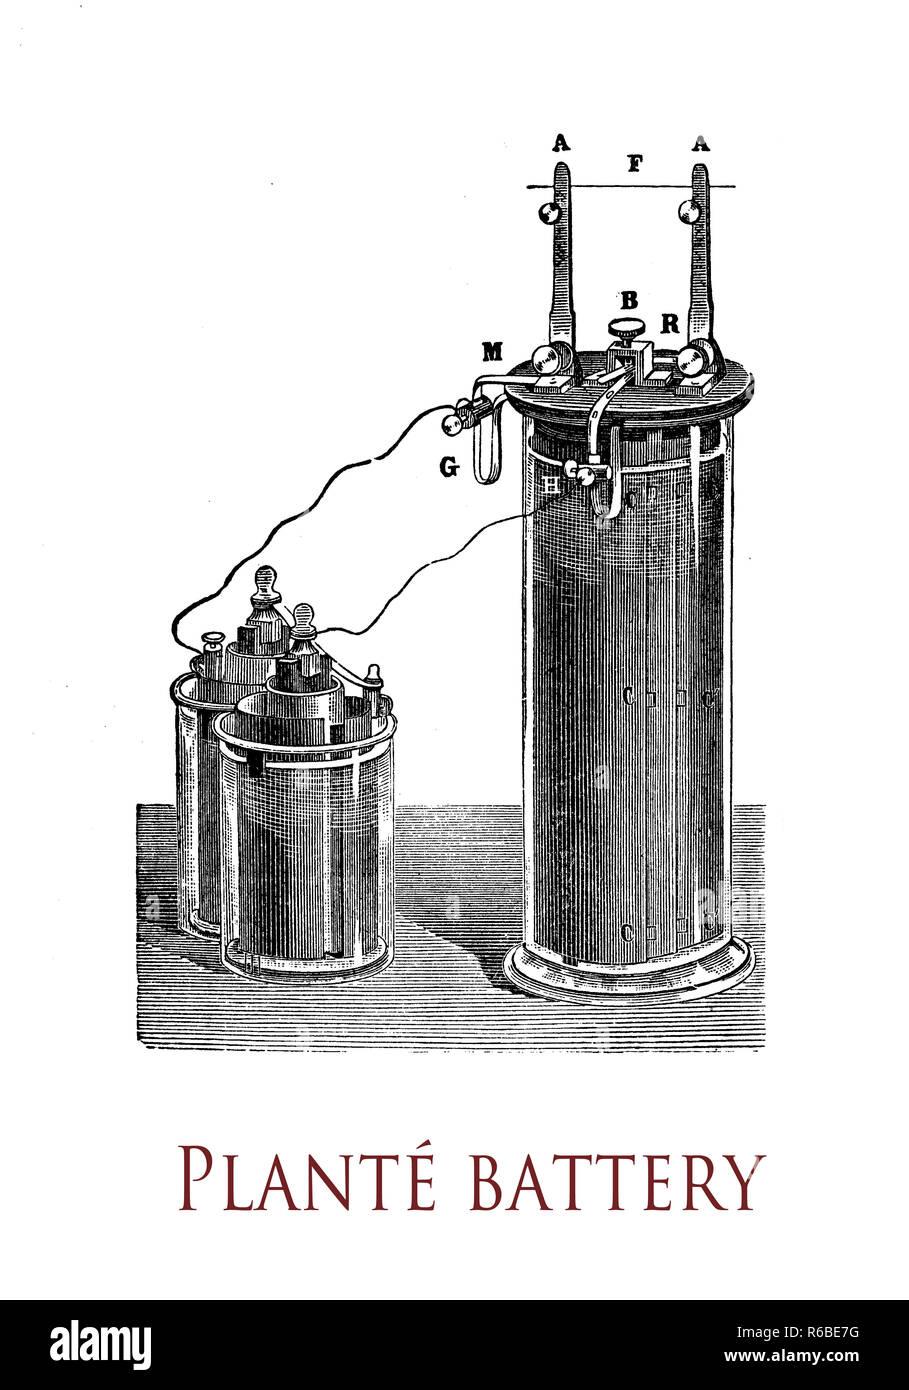 L'électricité et les applications de laboratoire: première batterie acide-plomb inventé par Gaston planté en 1859,l'électrode négative est faite de plomb, tandis que l'électrode positive est faite d'oxyde de plomb Photo Stock